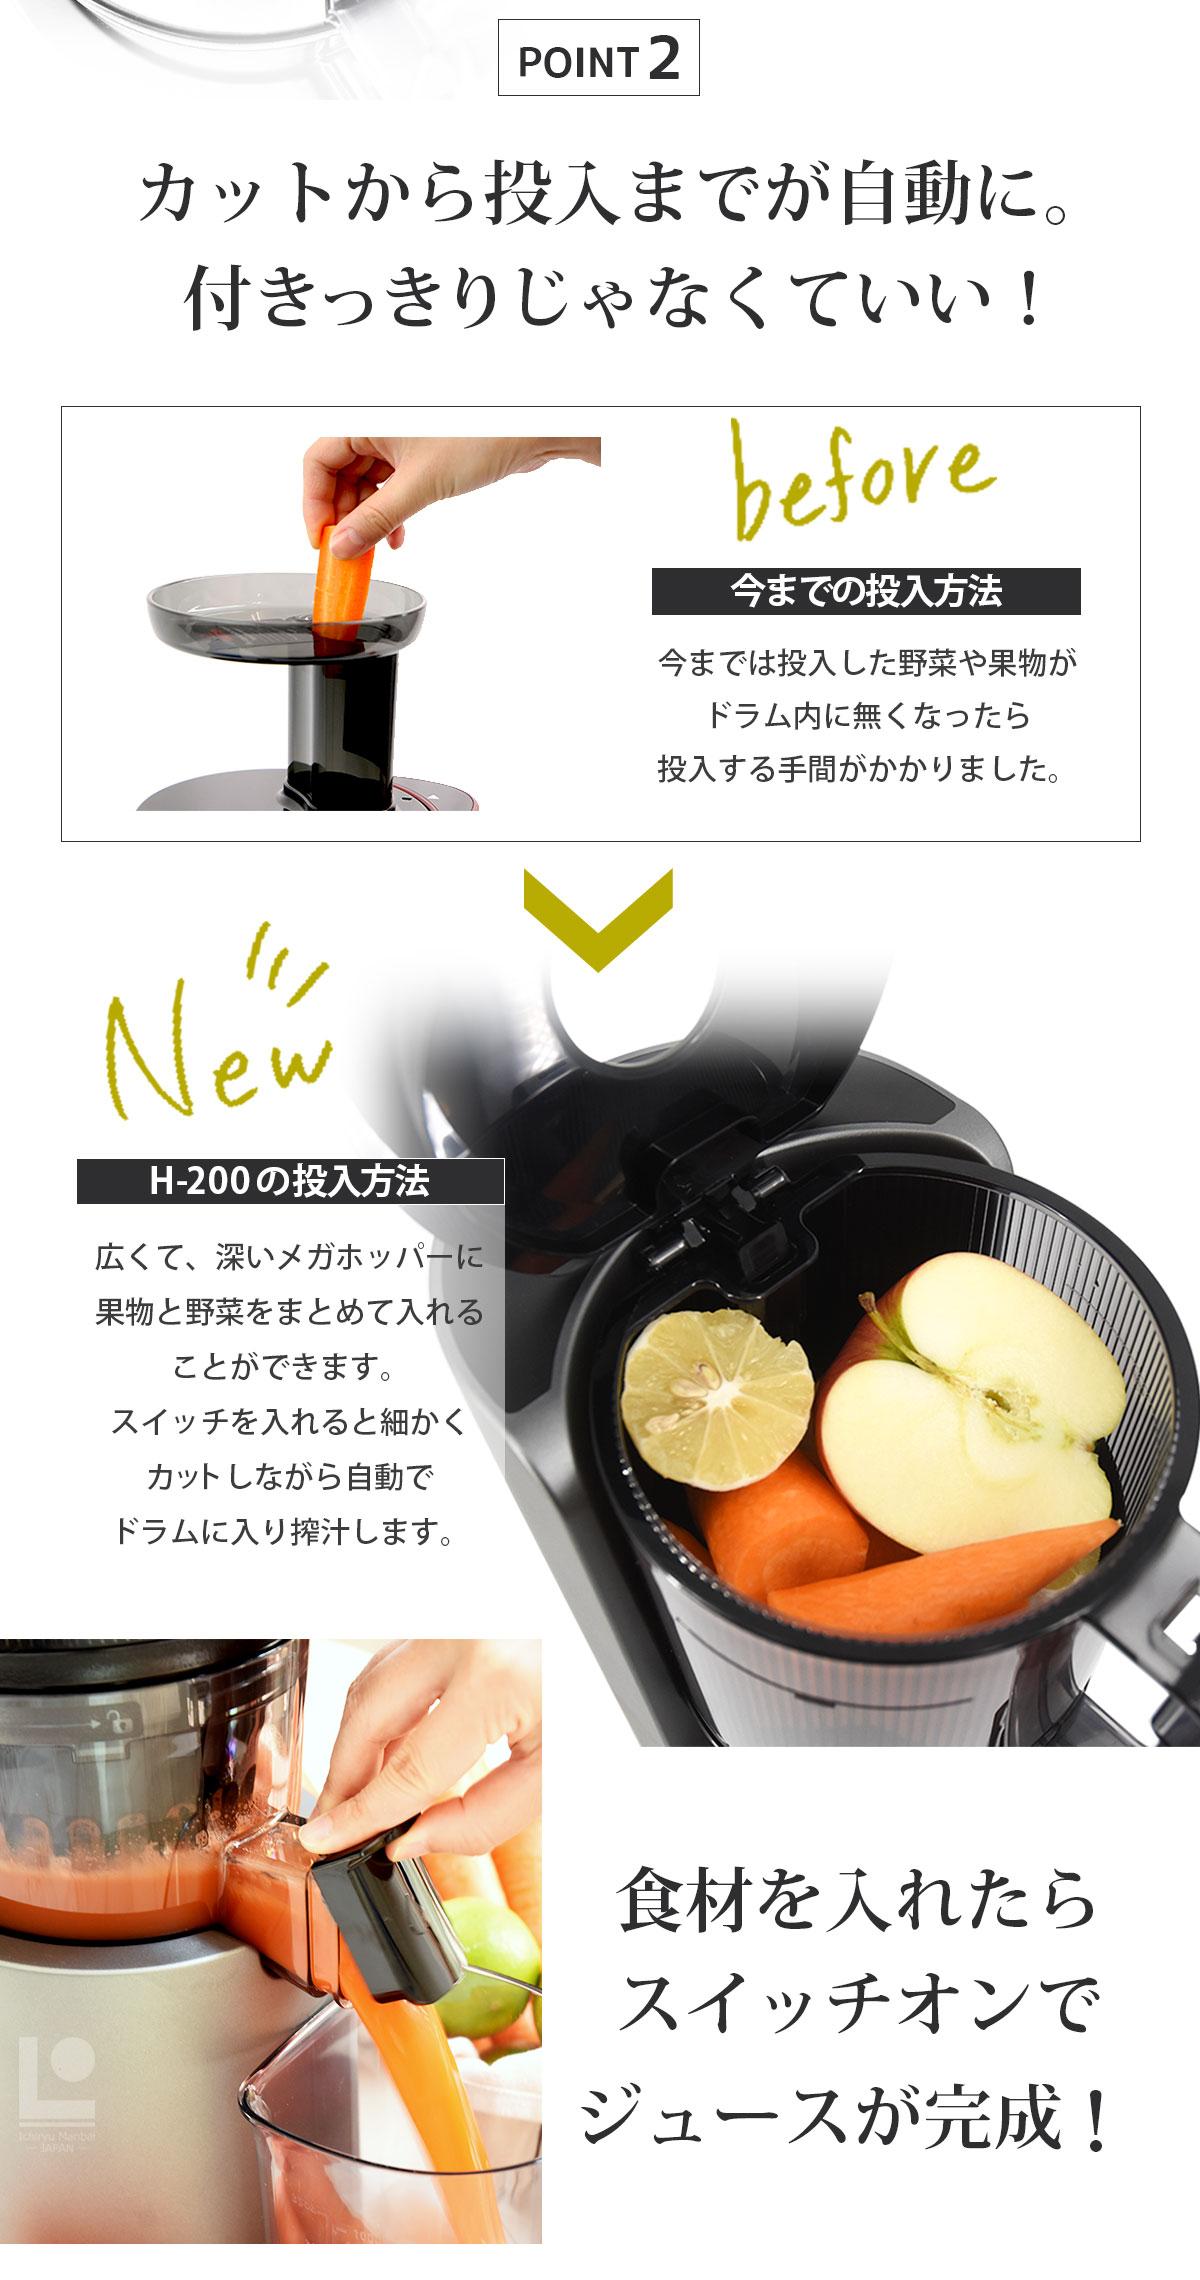 カットから投入までが自動に。付きっきりじゃなくていい!広くて、深いメガホッパーに果物と野菜をまとめて入れることができます。スイッチを入れると細かくカットしながら自動でドラムに入り搾汁します